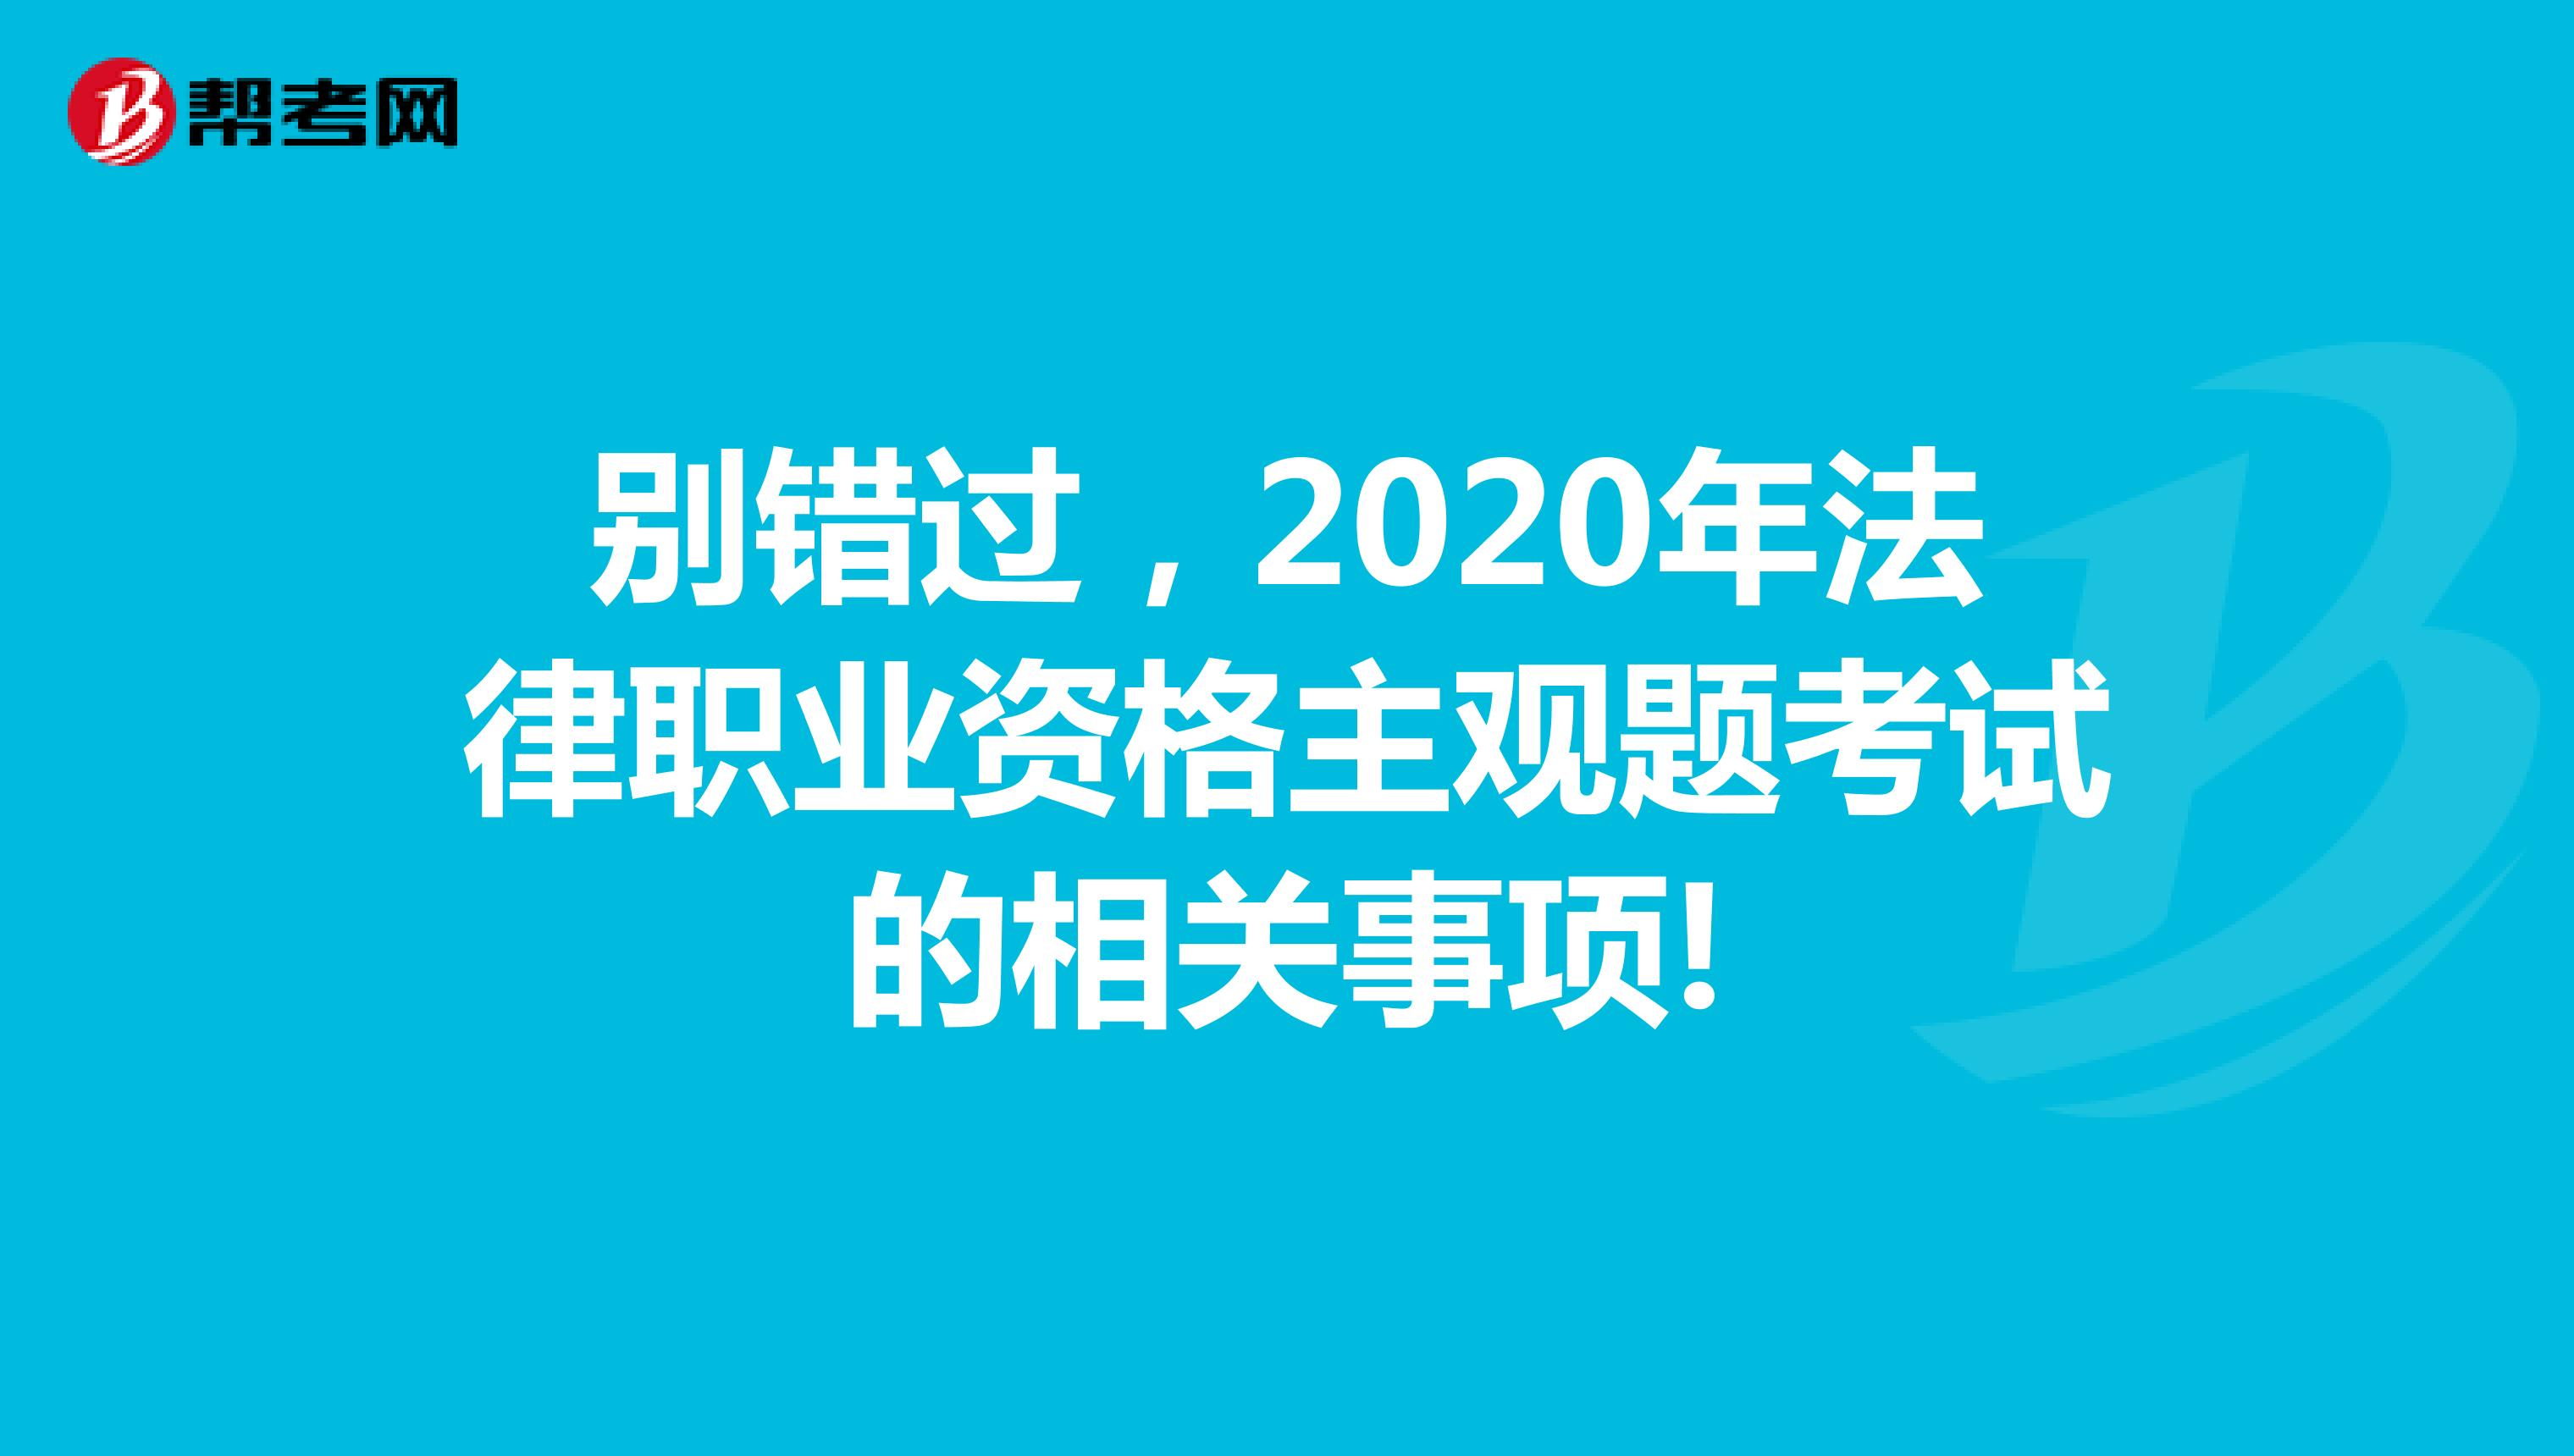 别错过,2020年法律职业资格主观题考试的相关事项!